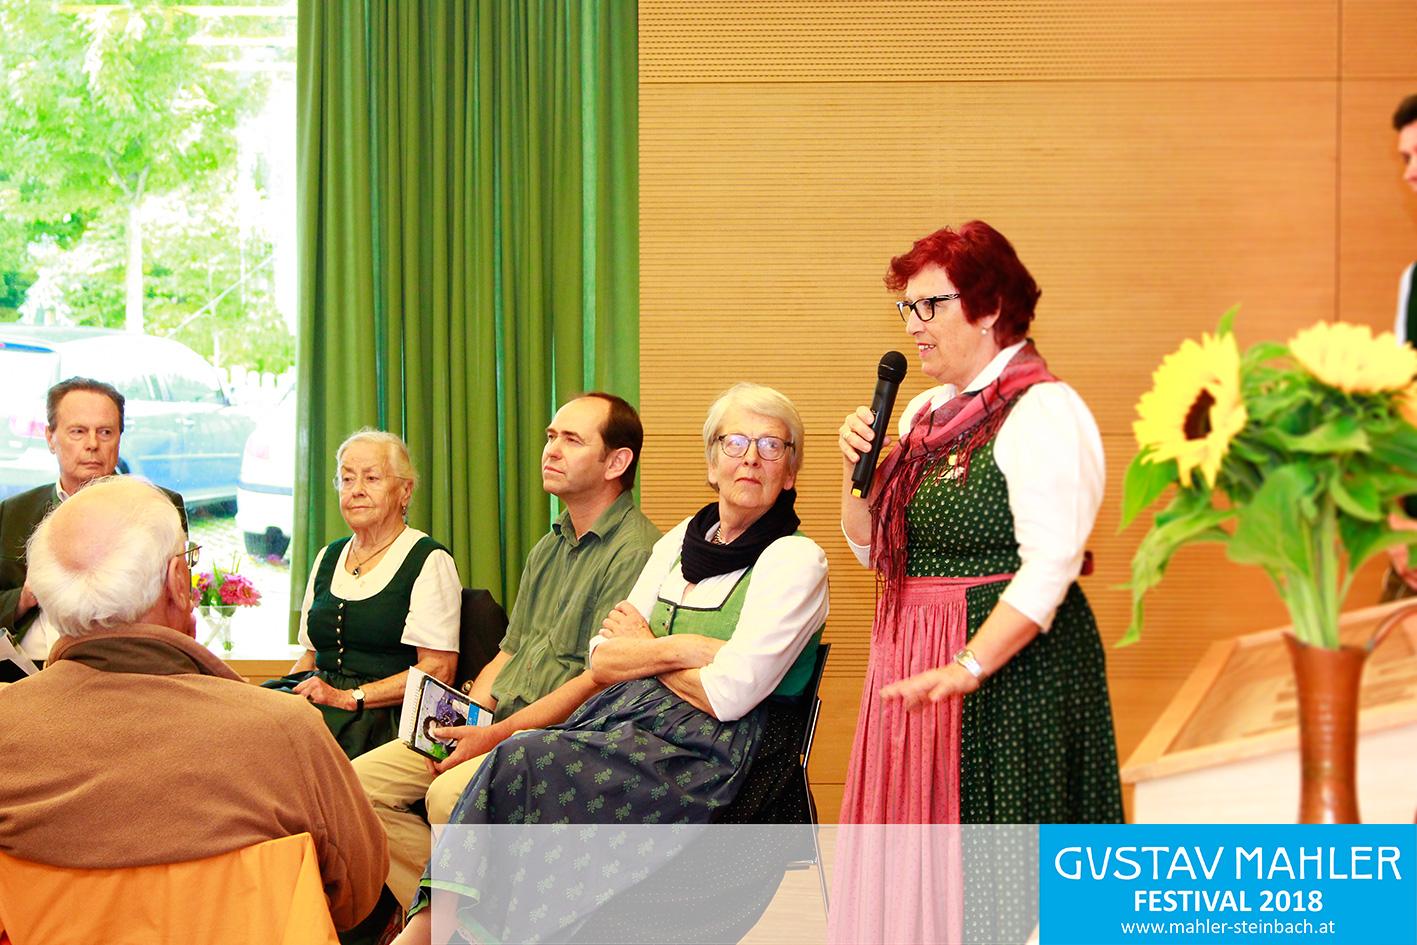 Kuratorin Roswitha Gebetsroither stellt die Ausstellung kurz vor